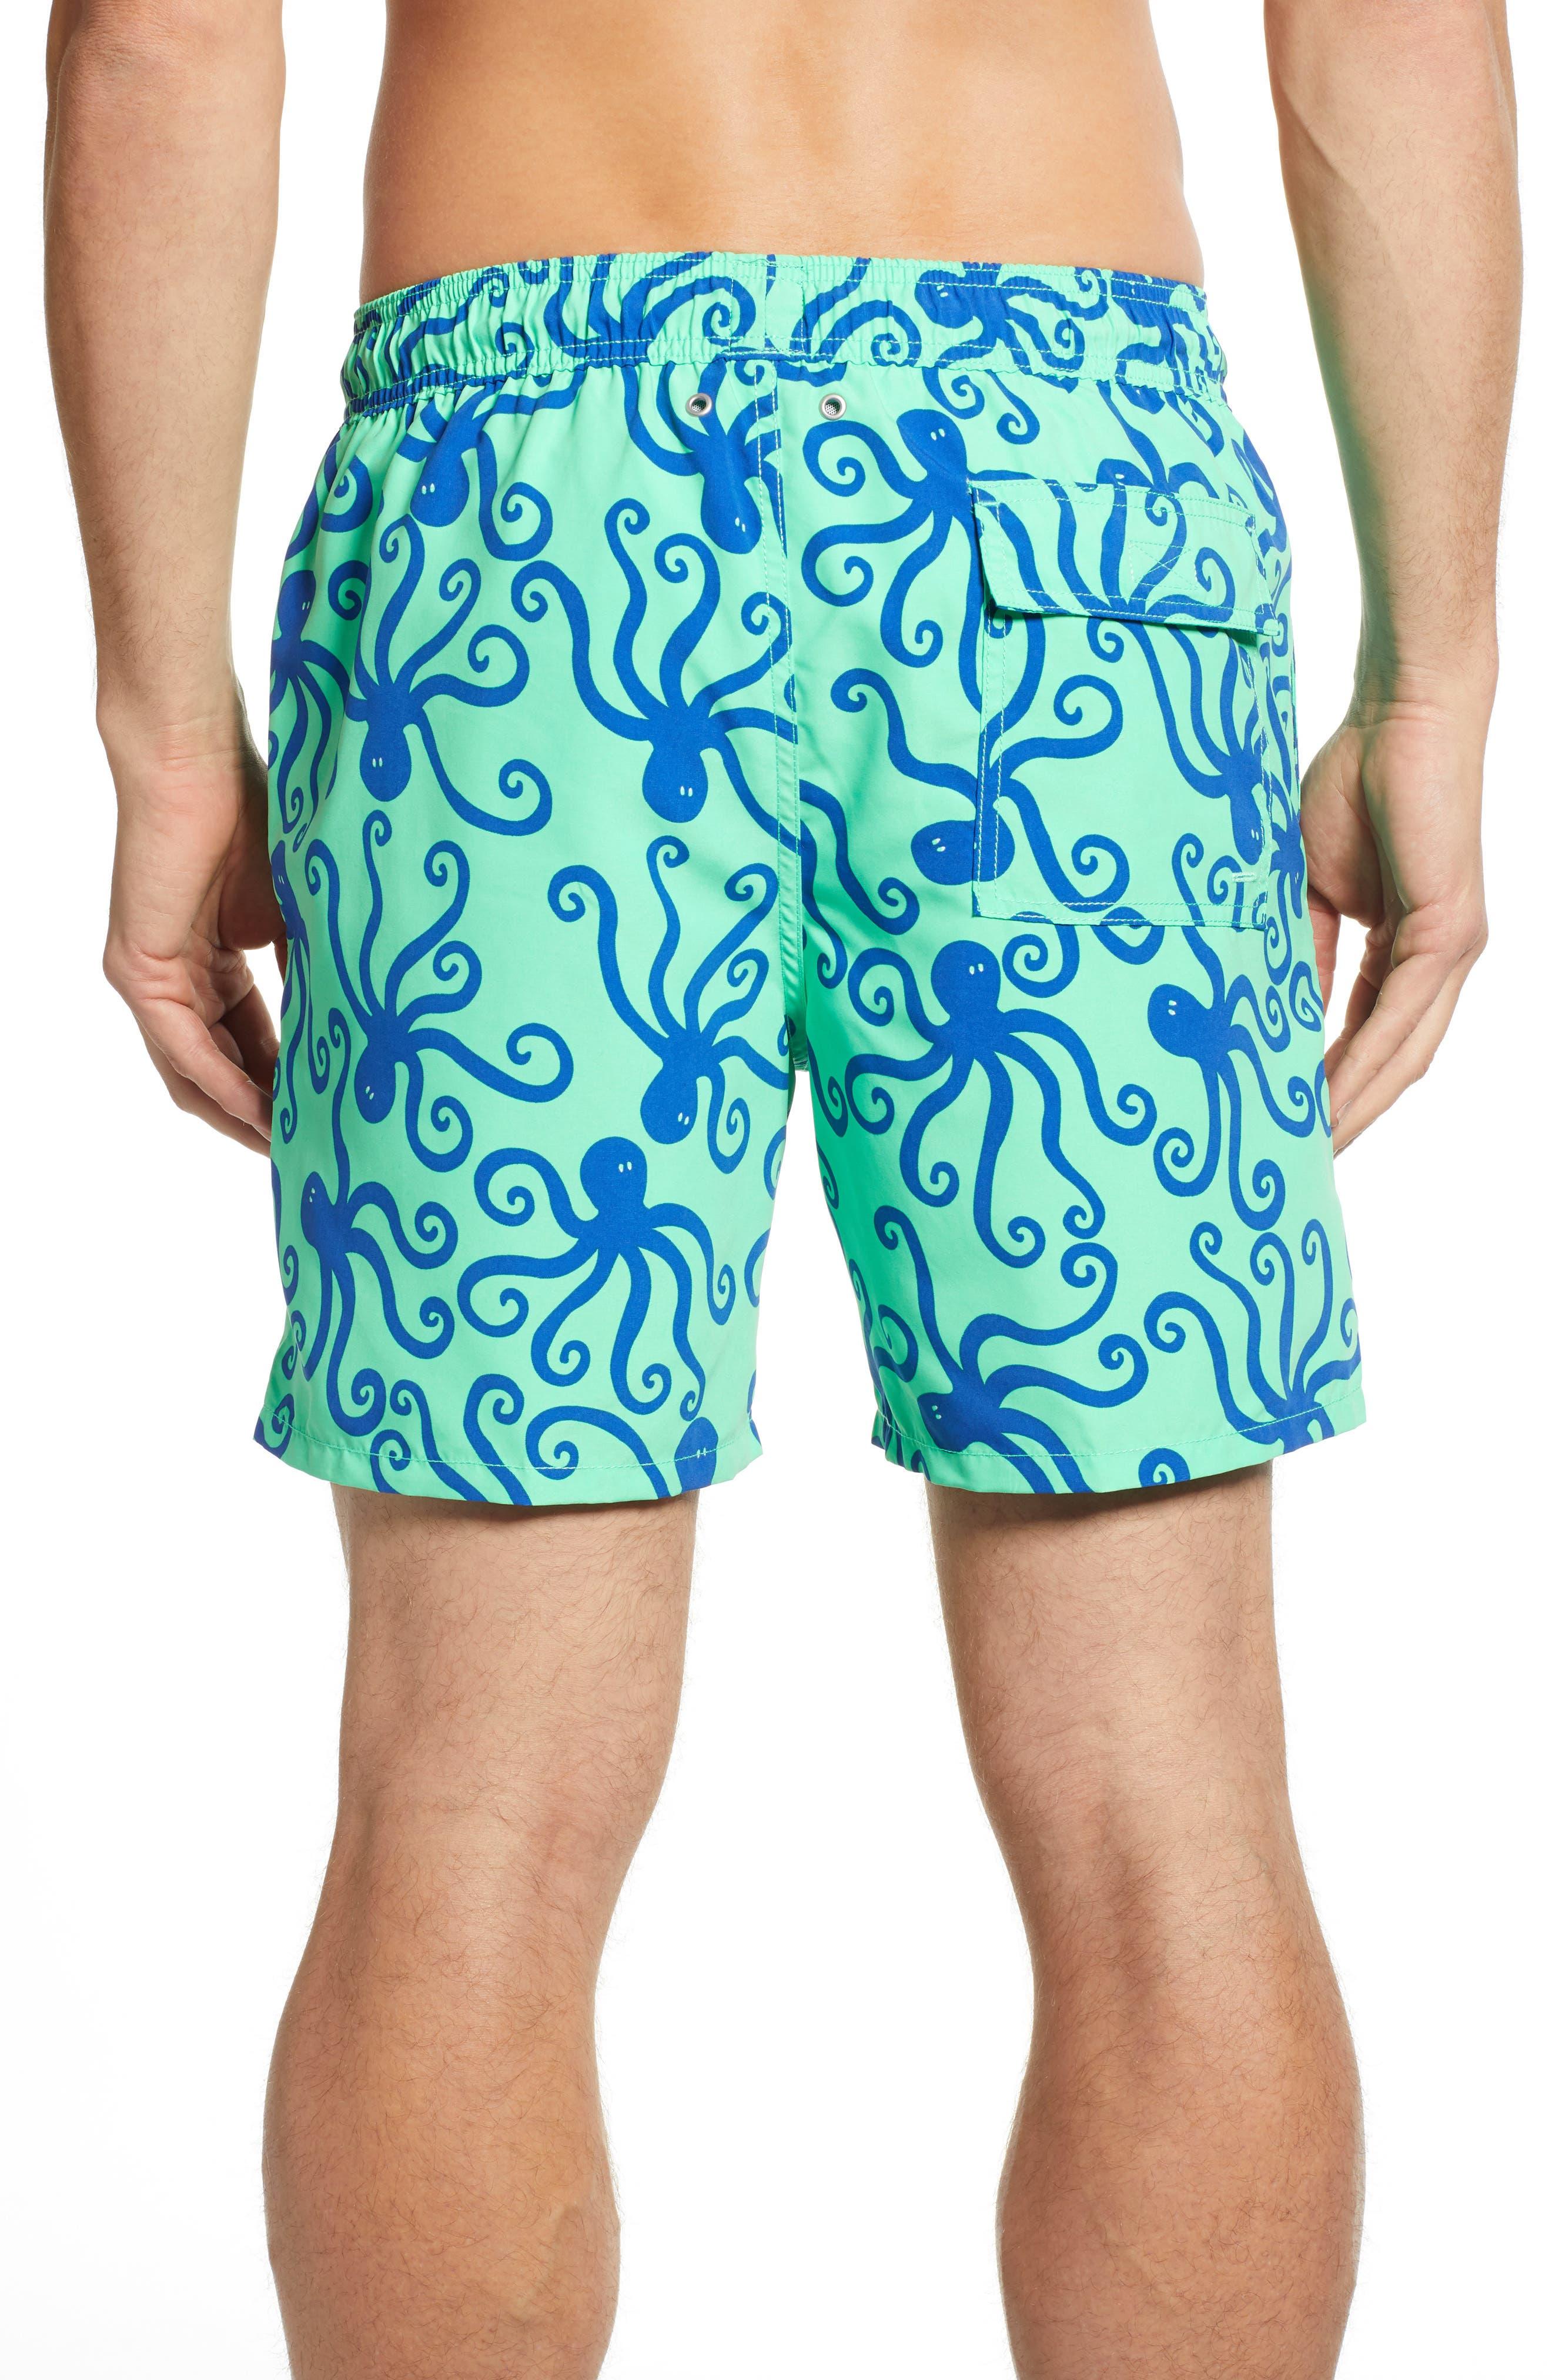 TOM & TEDDY, 'Octopus Pattern' Swim Trunks, Alternate thumbnail 2, color, GREEN/ BLUE